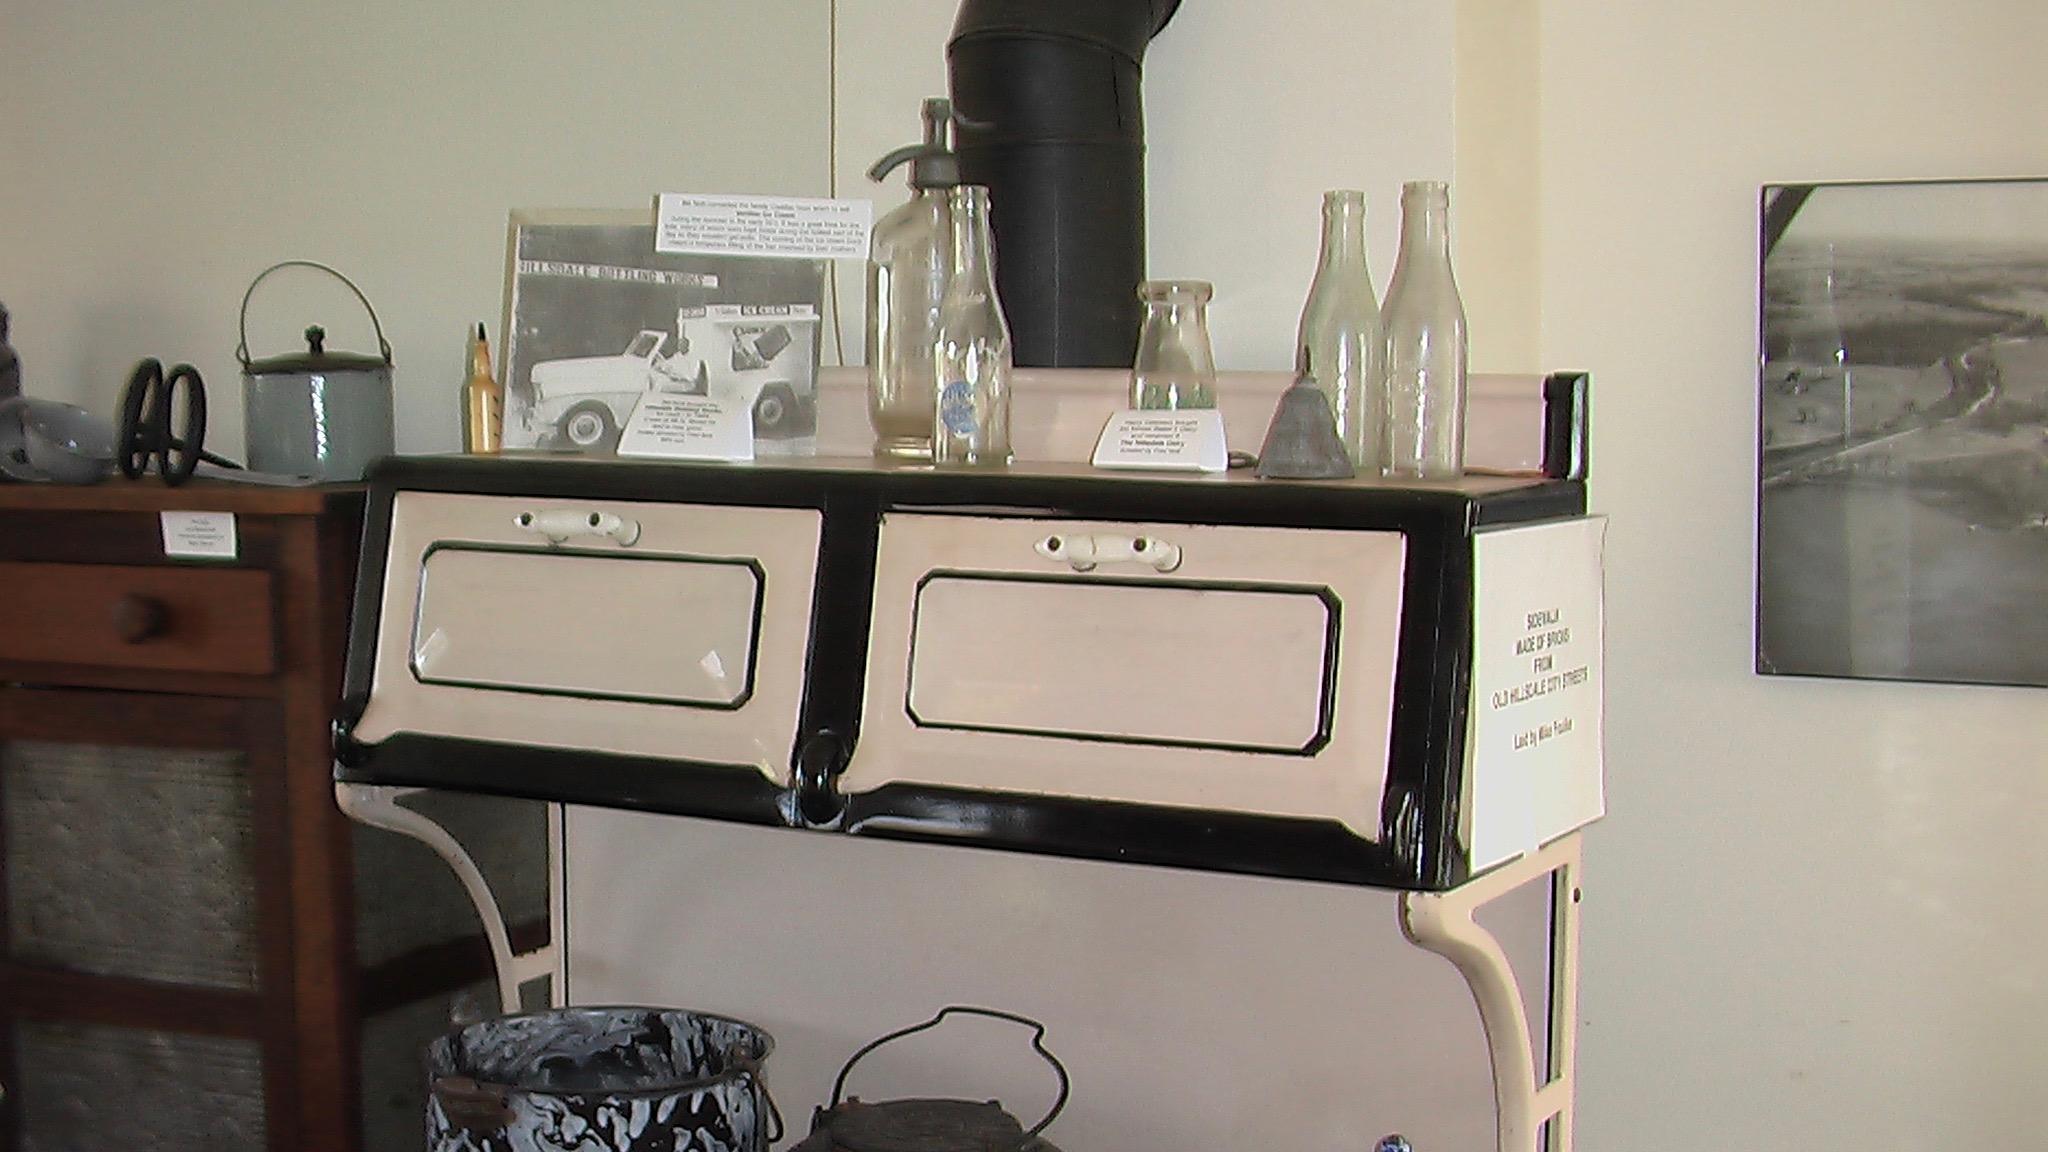 Hillsdale Bottling works